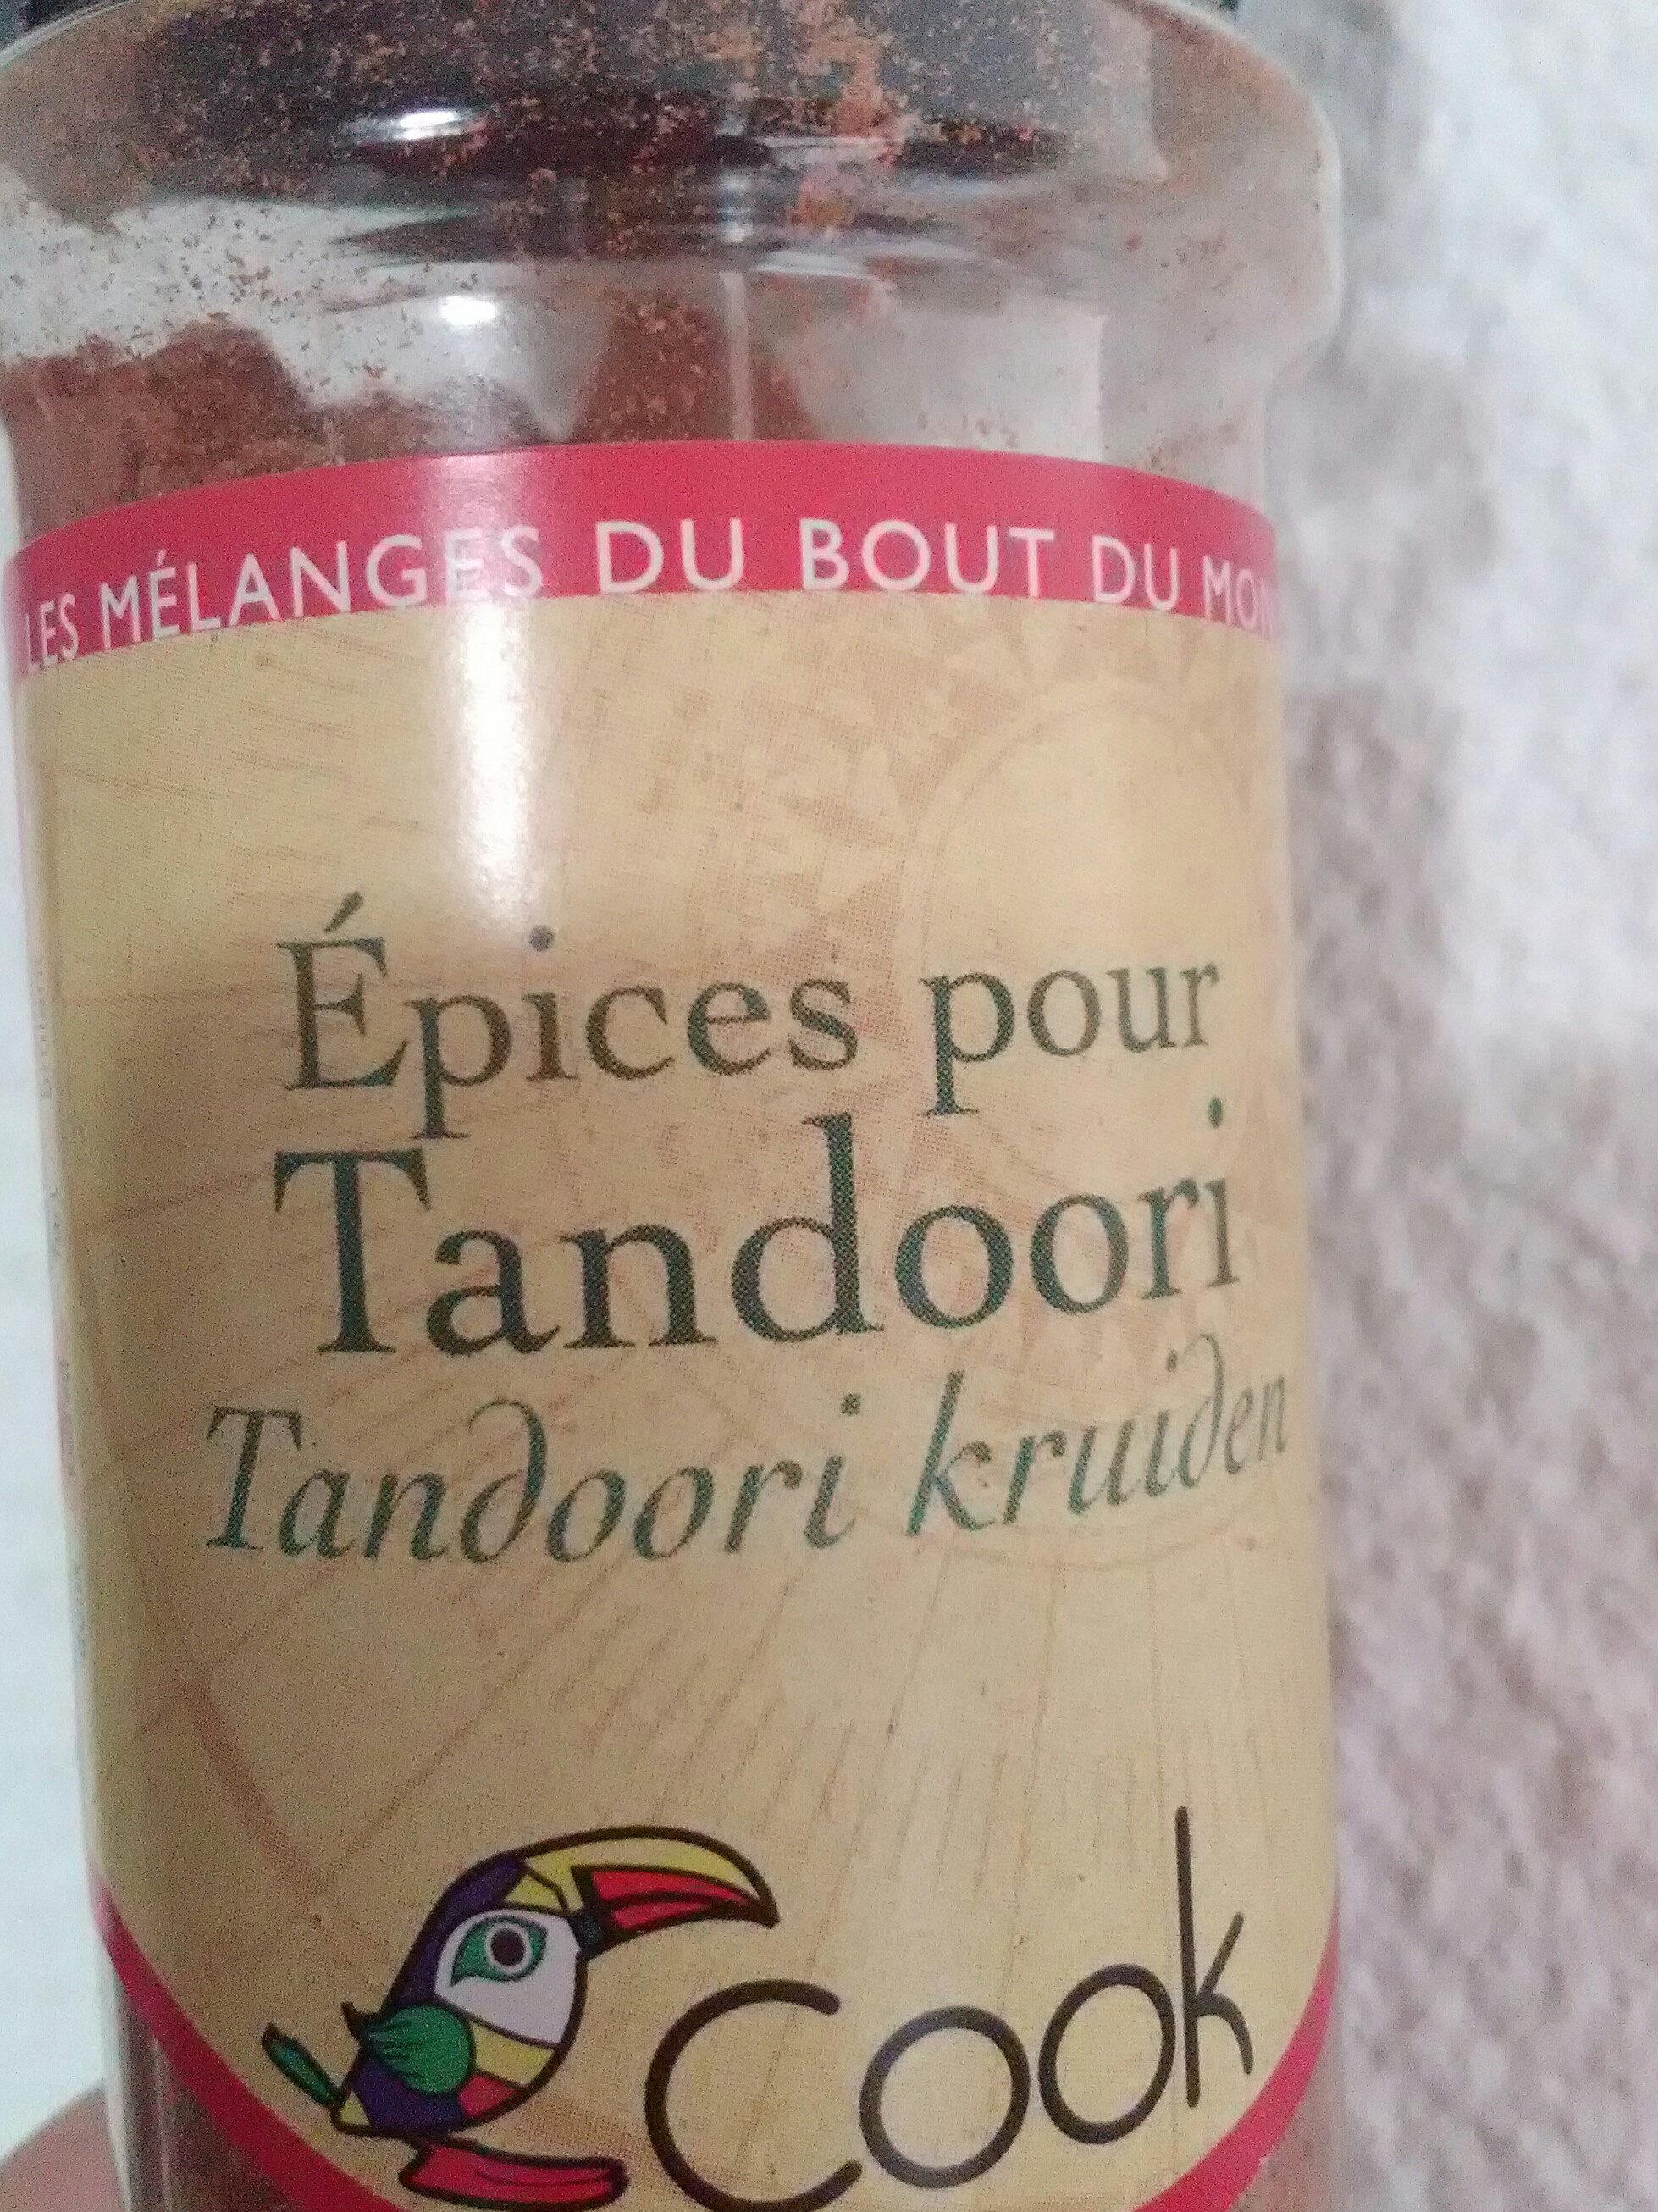 épices pour tandoori - Product - fr